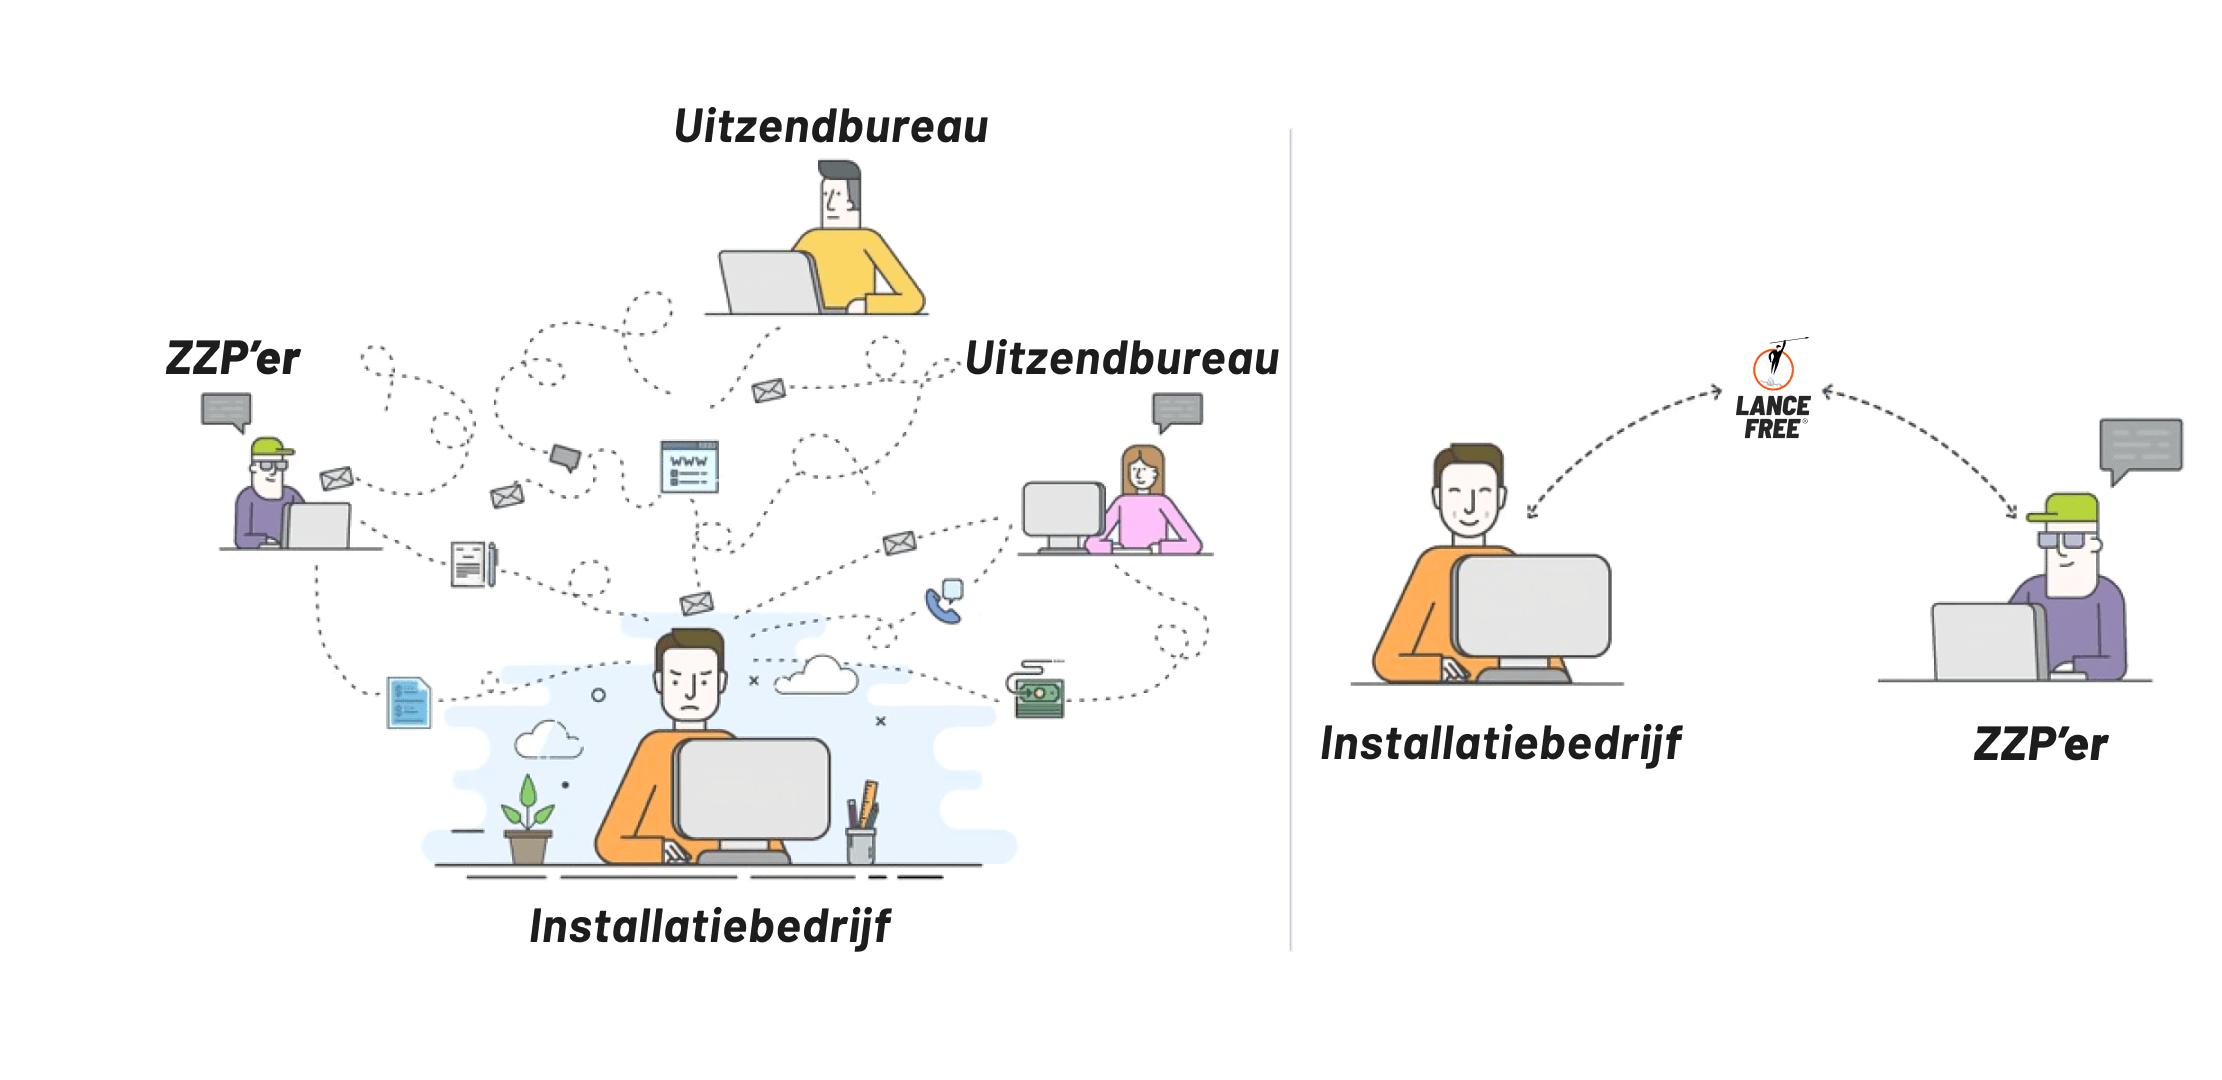 lancefree vs uitzendbureau